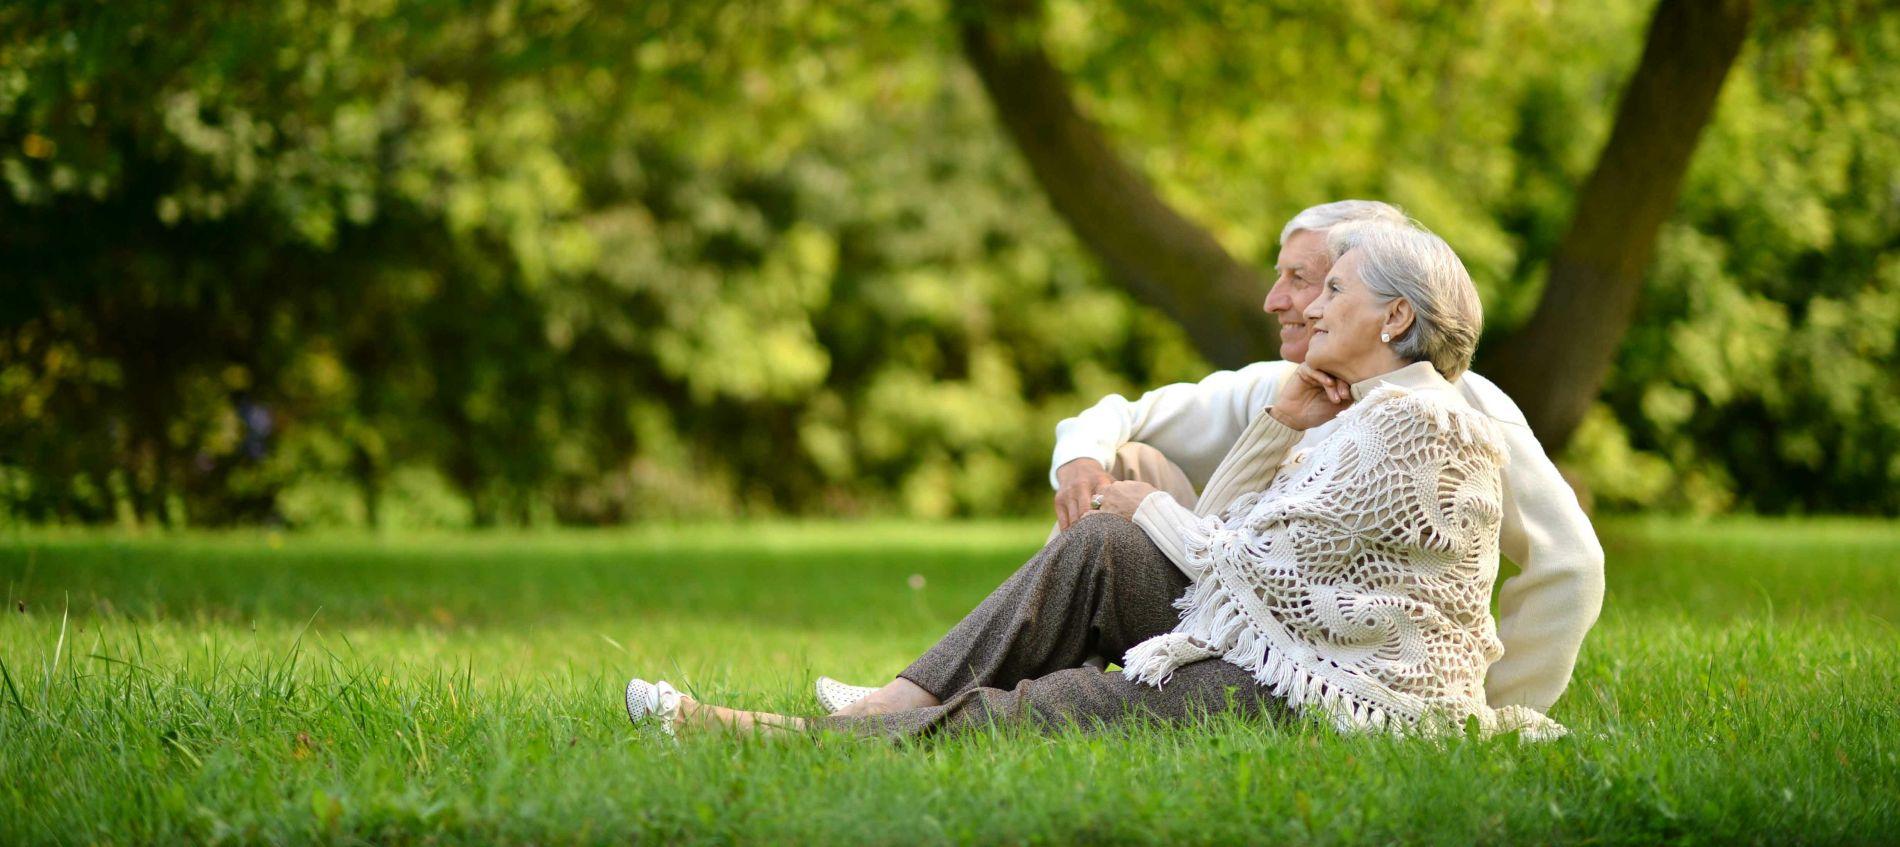 Кредит под залог без истории и справок пенсионерам на недвижимость